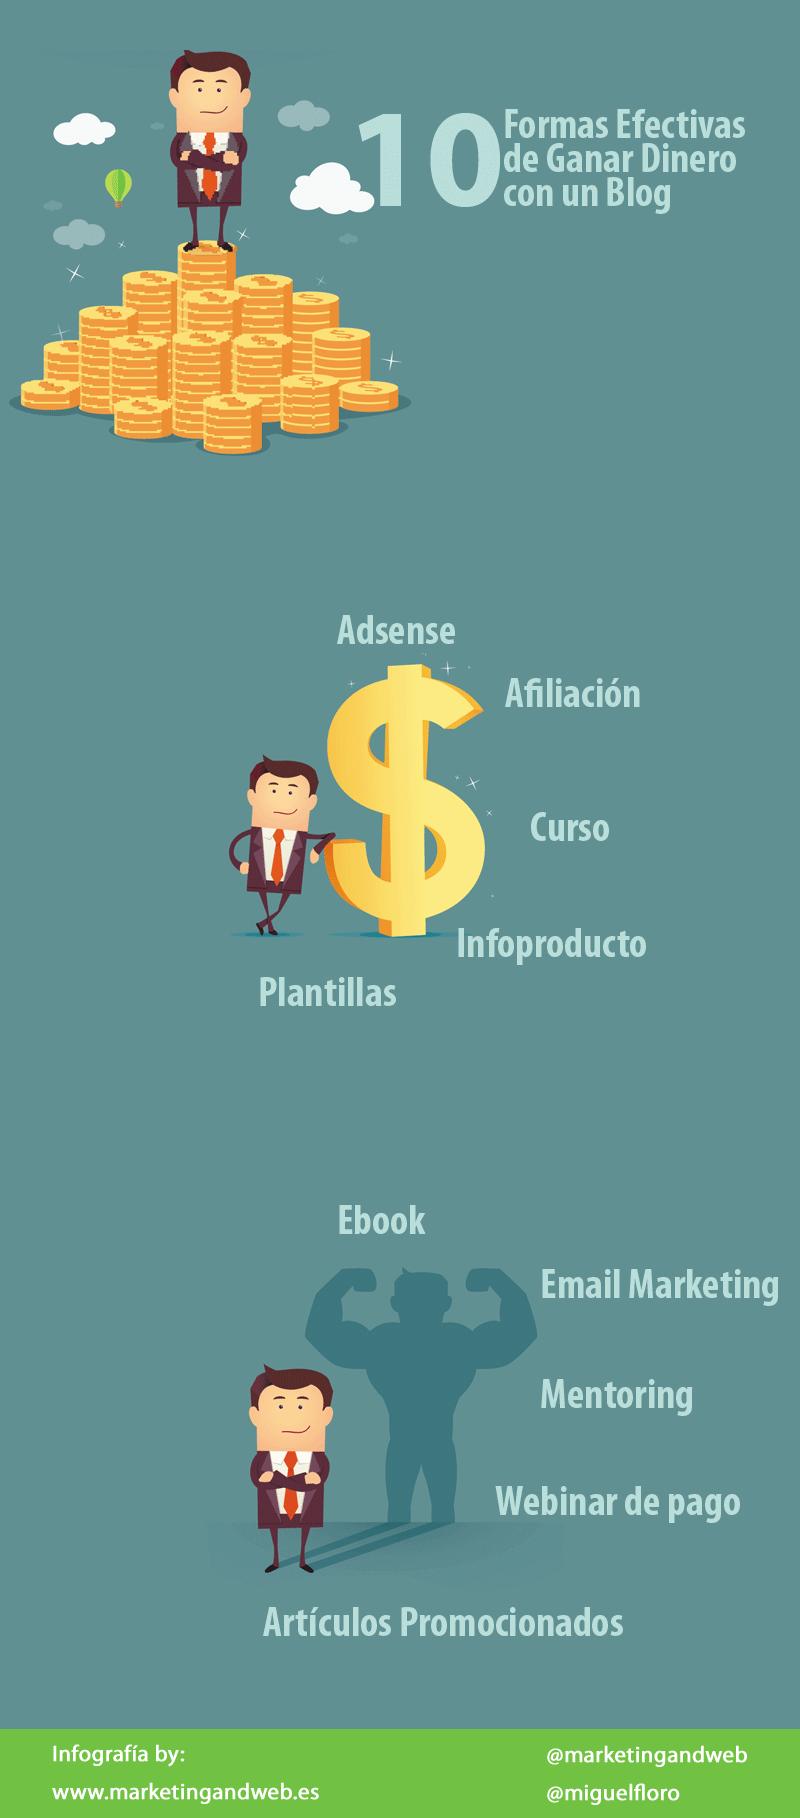 10 formas de ganar dinero con un Blog